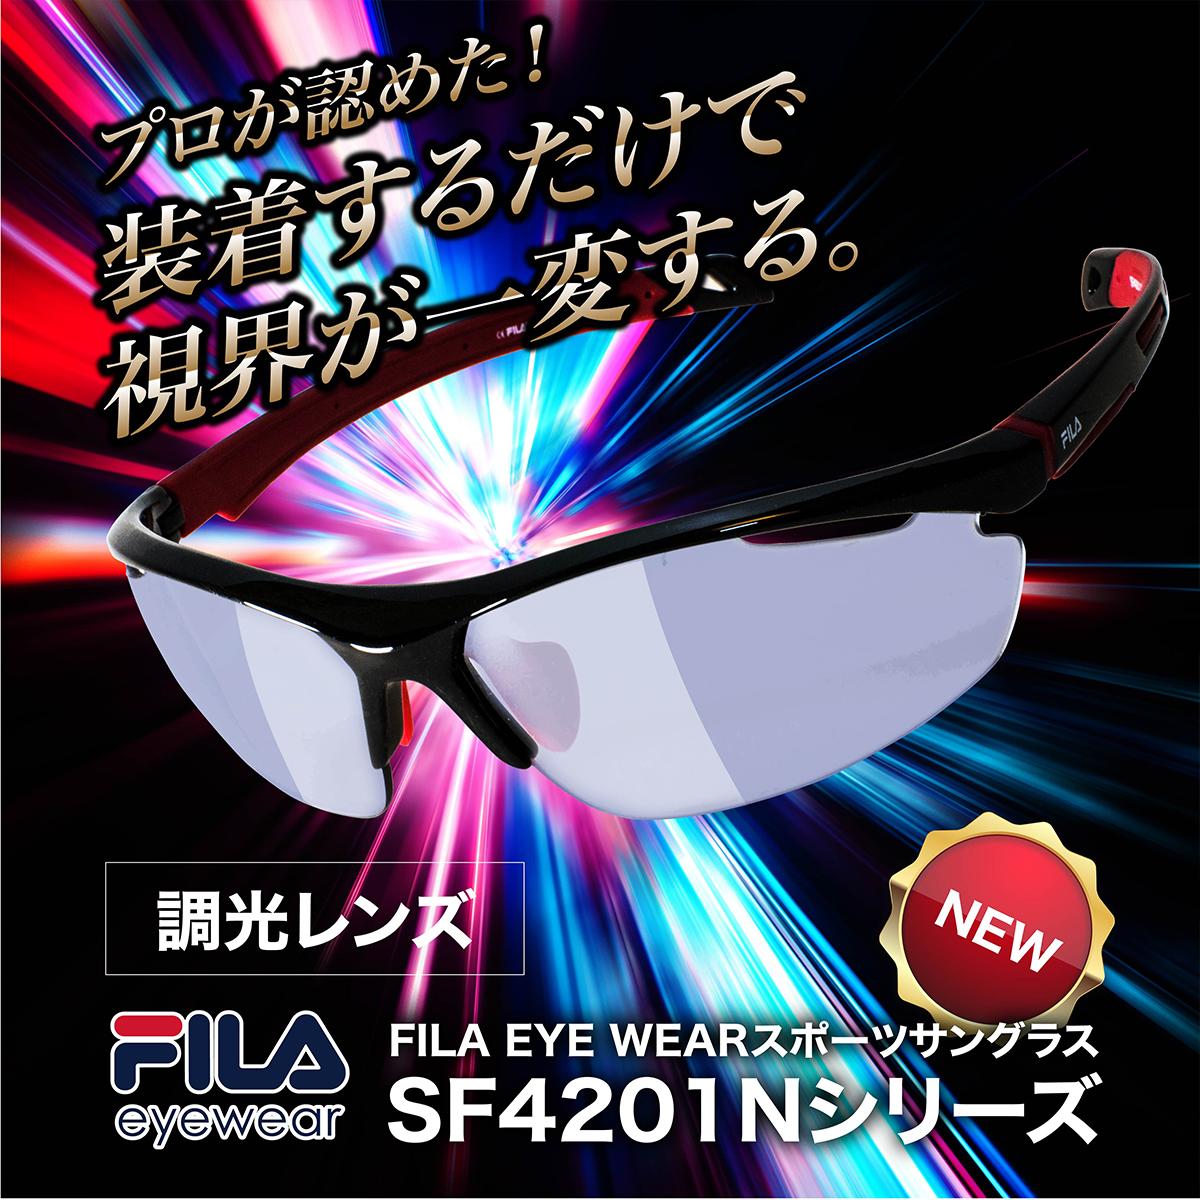 NXTレンズモデル SF4201N